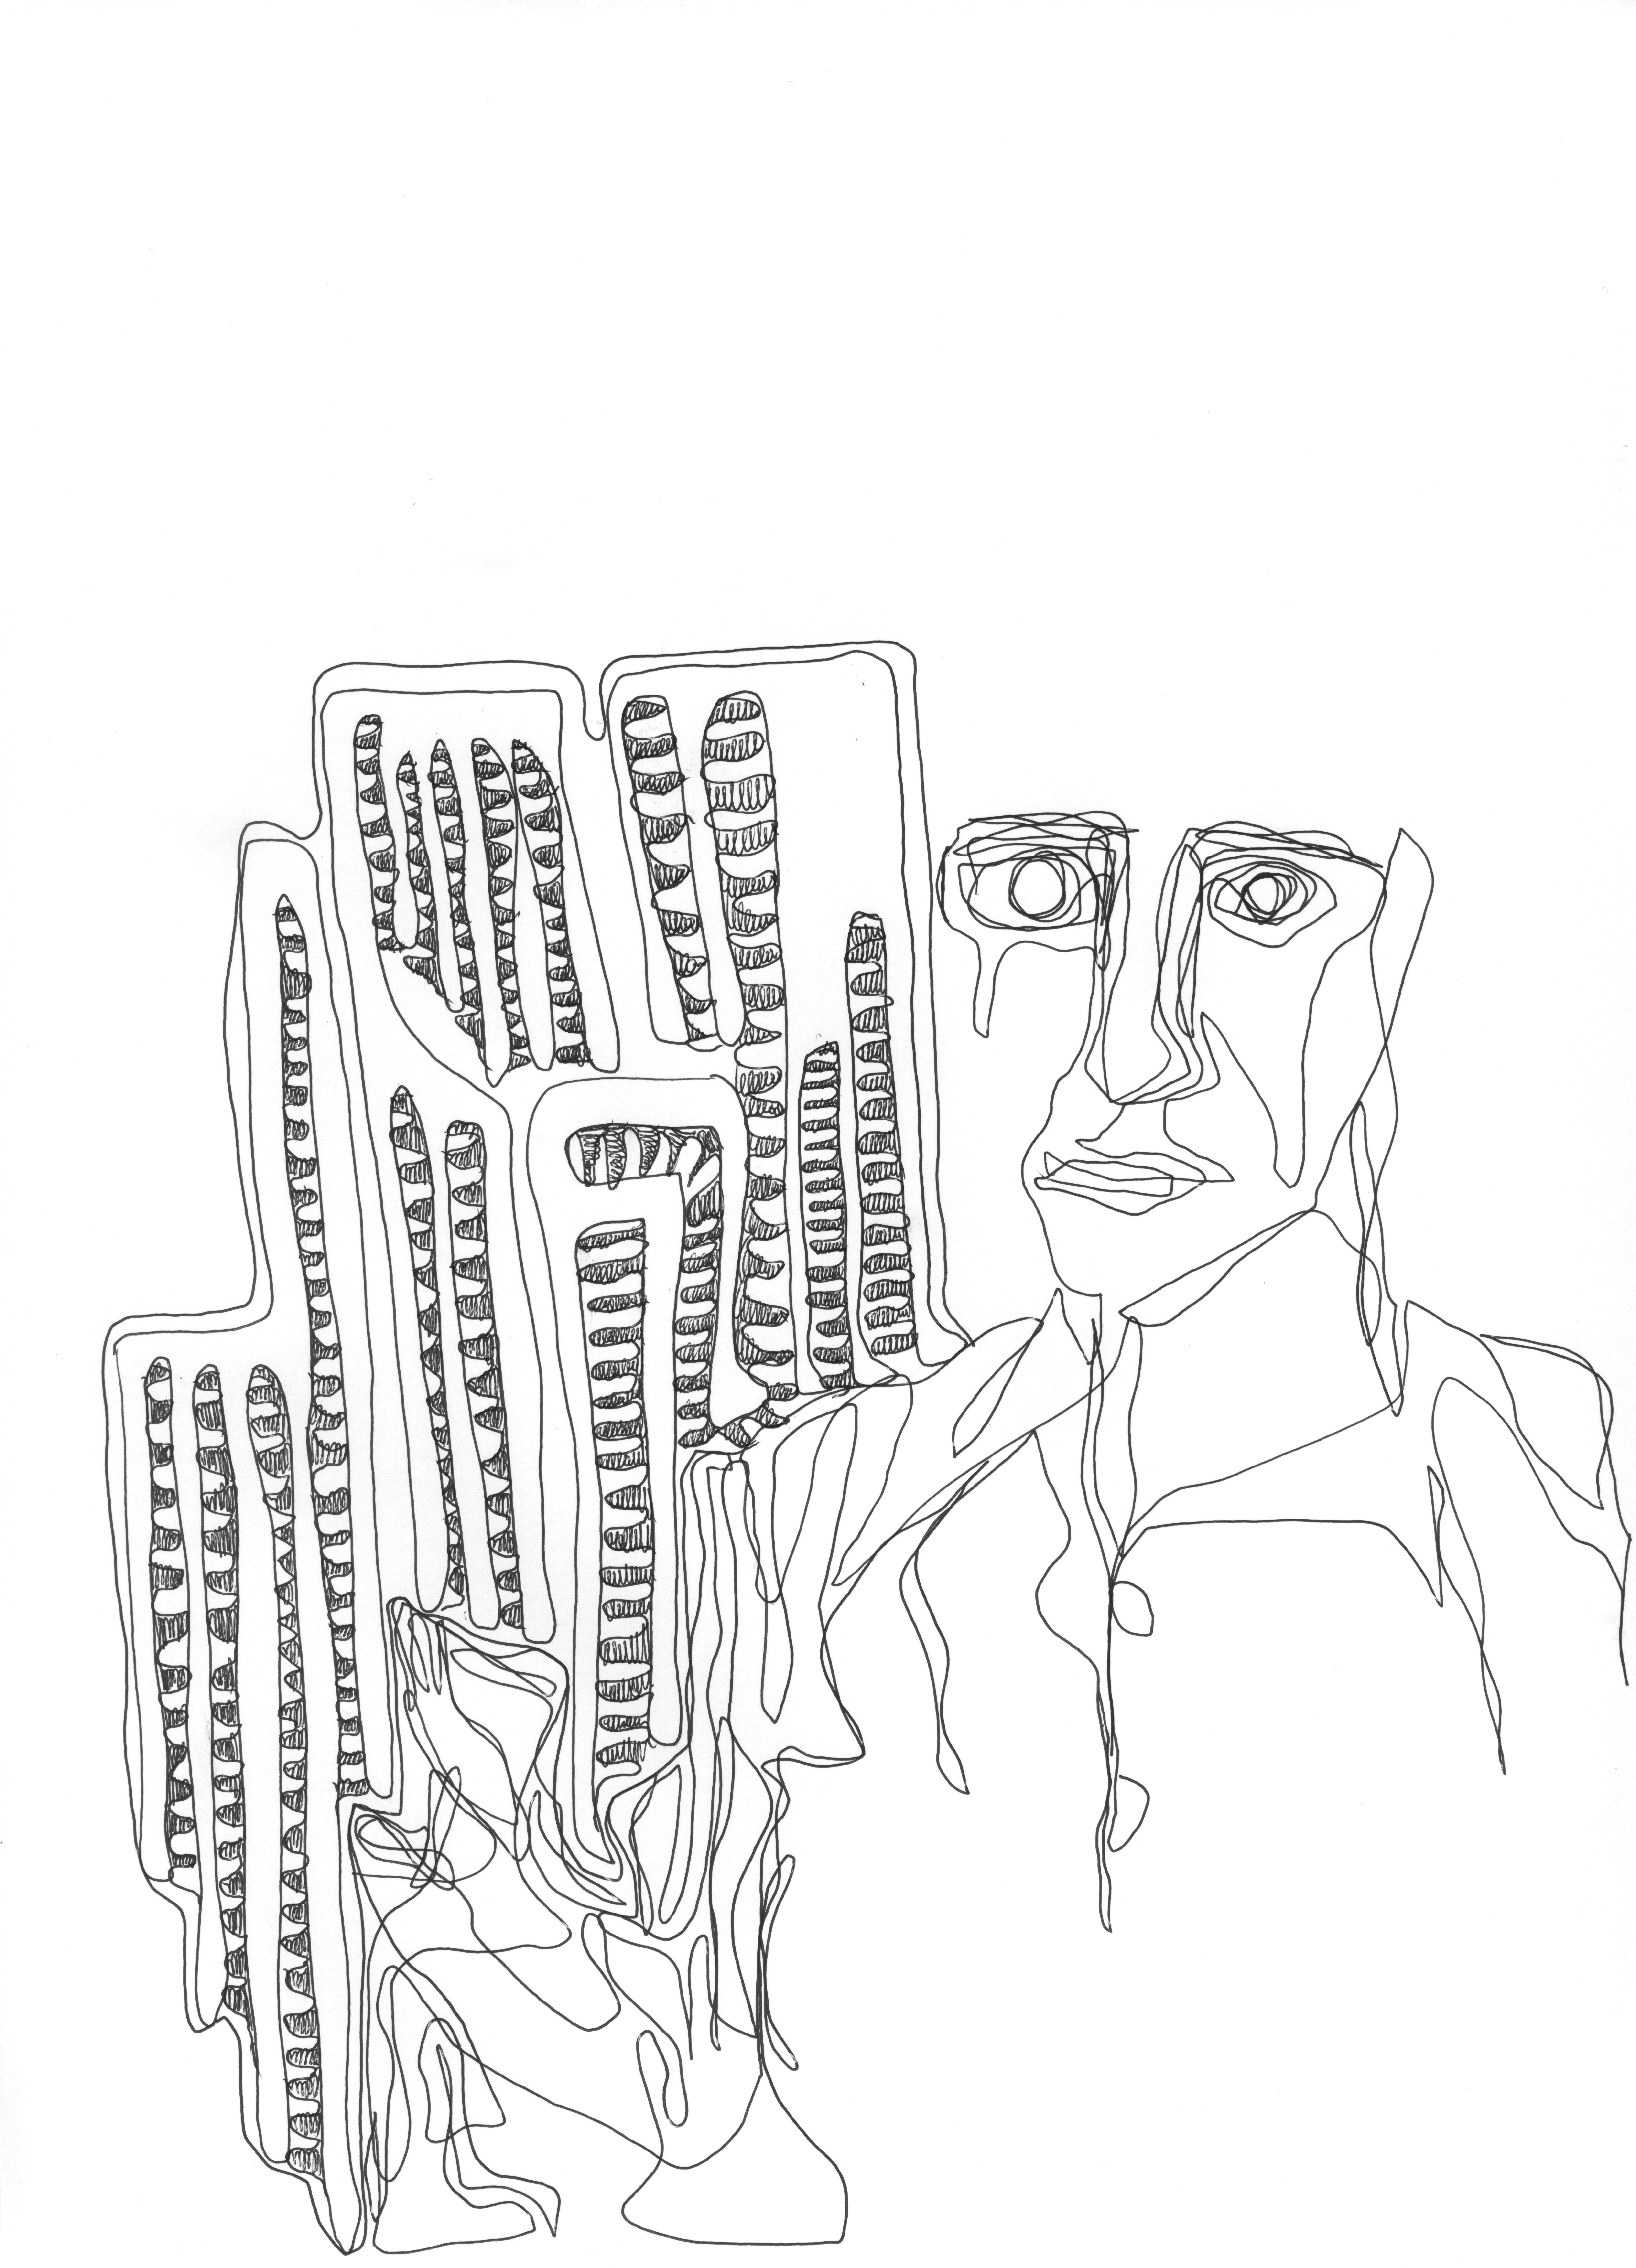 Linientypi 3 by Fra-Ka